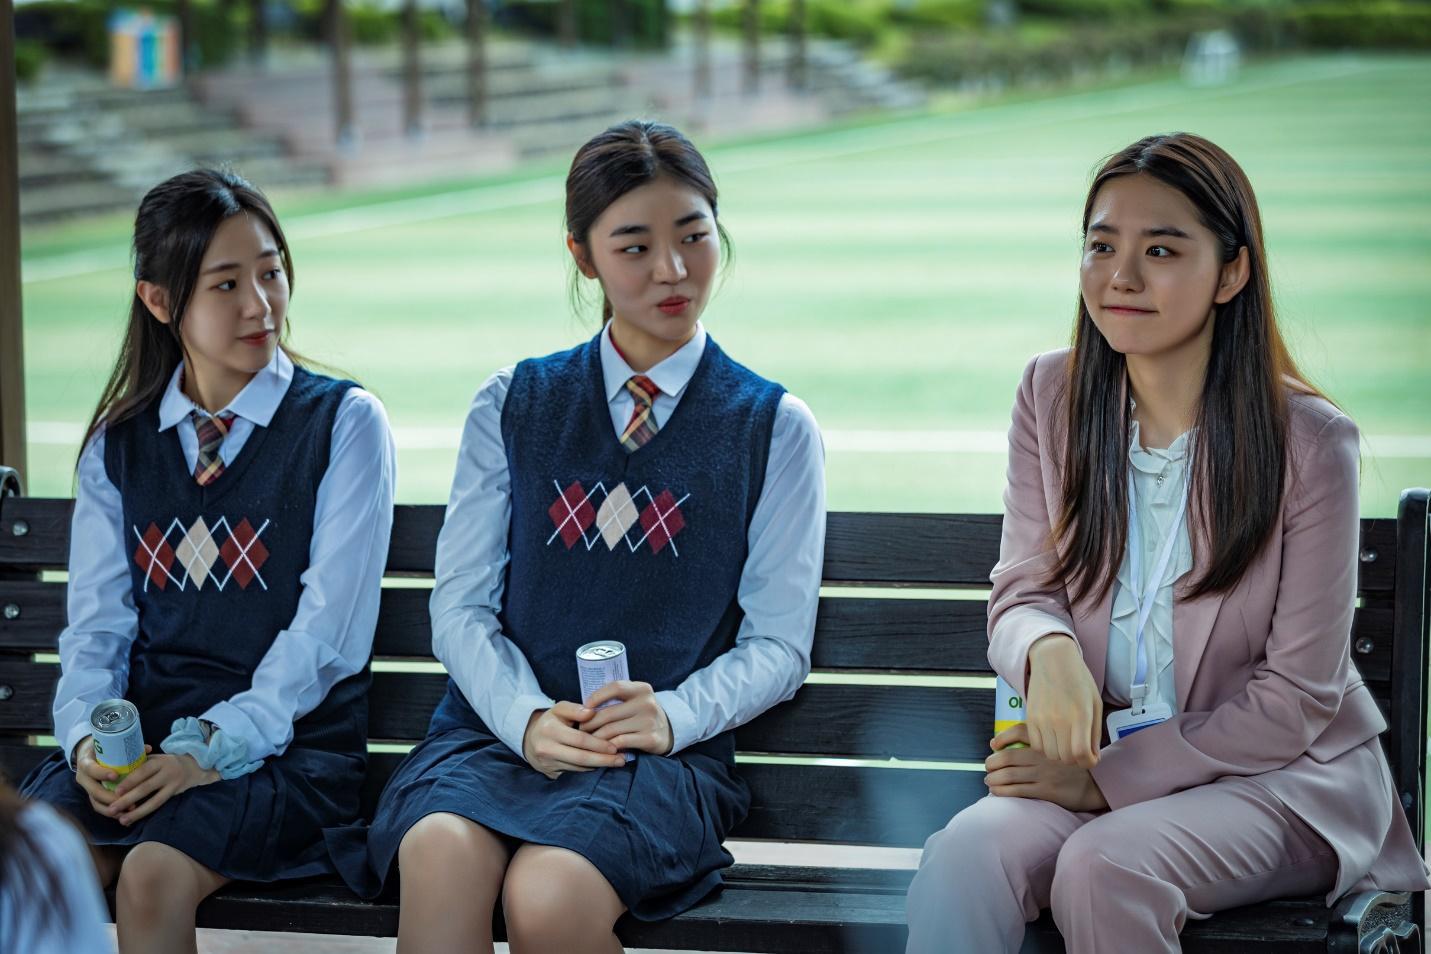 Nam Sinh Số 11 - Phim kinh dị rùng rợn lấy bối cảnh học đường - Ảnh 6.